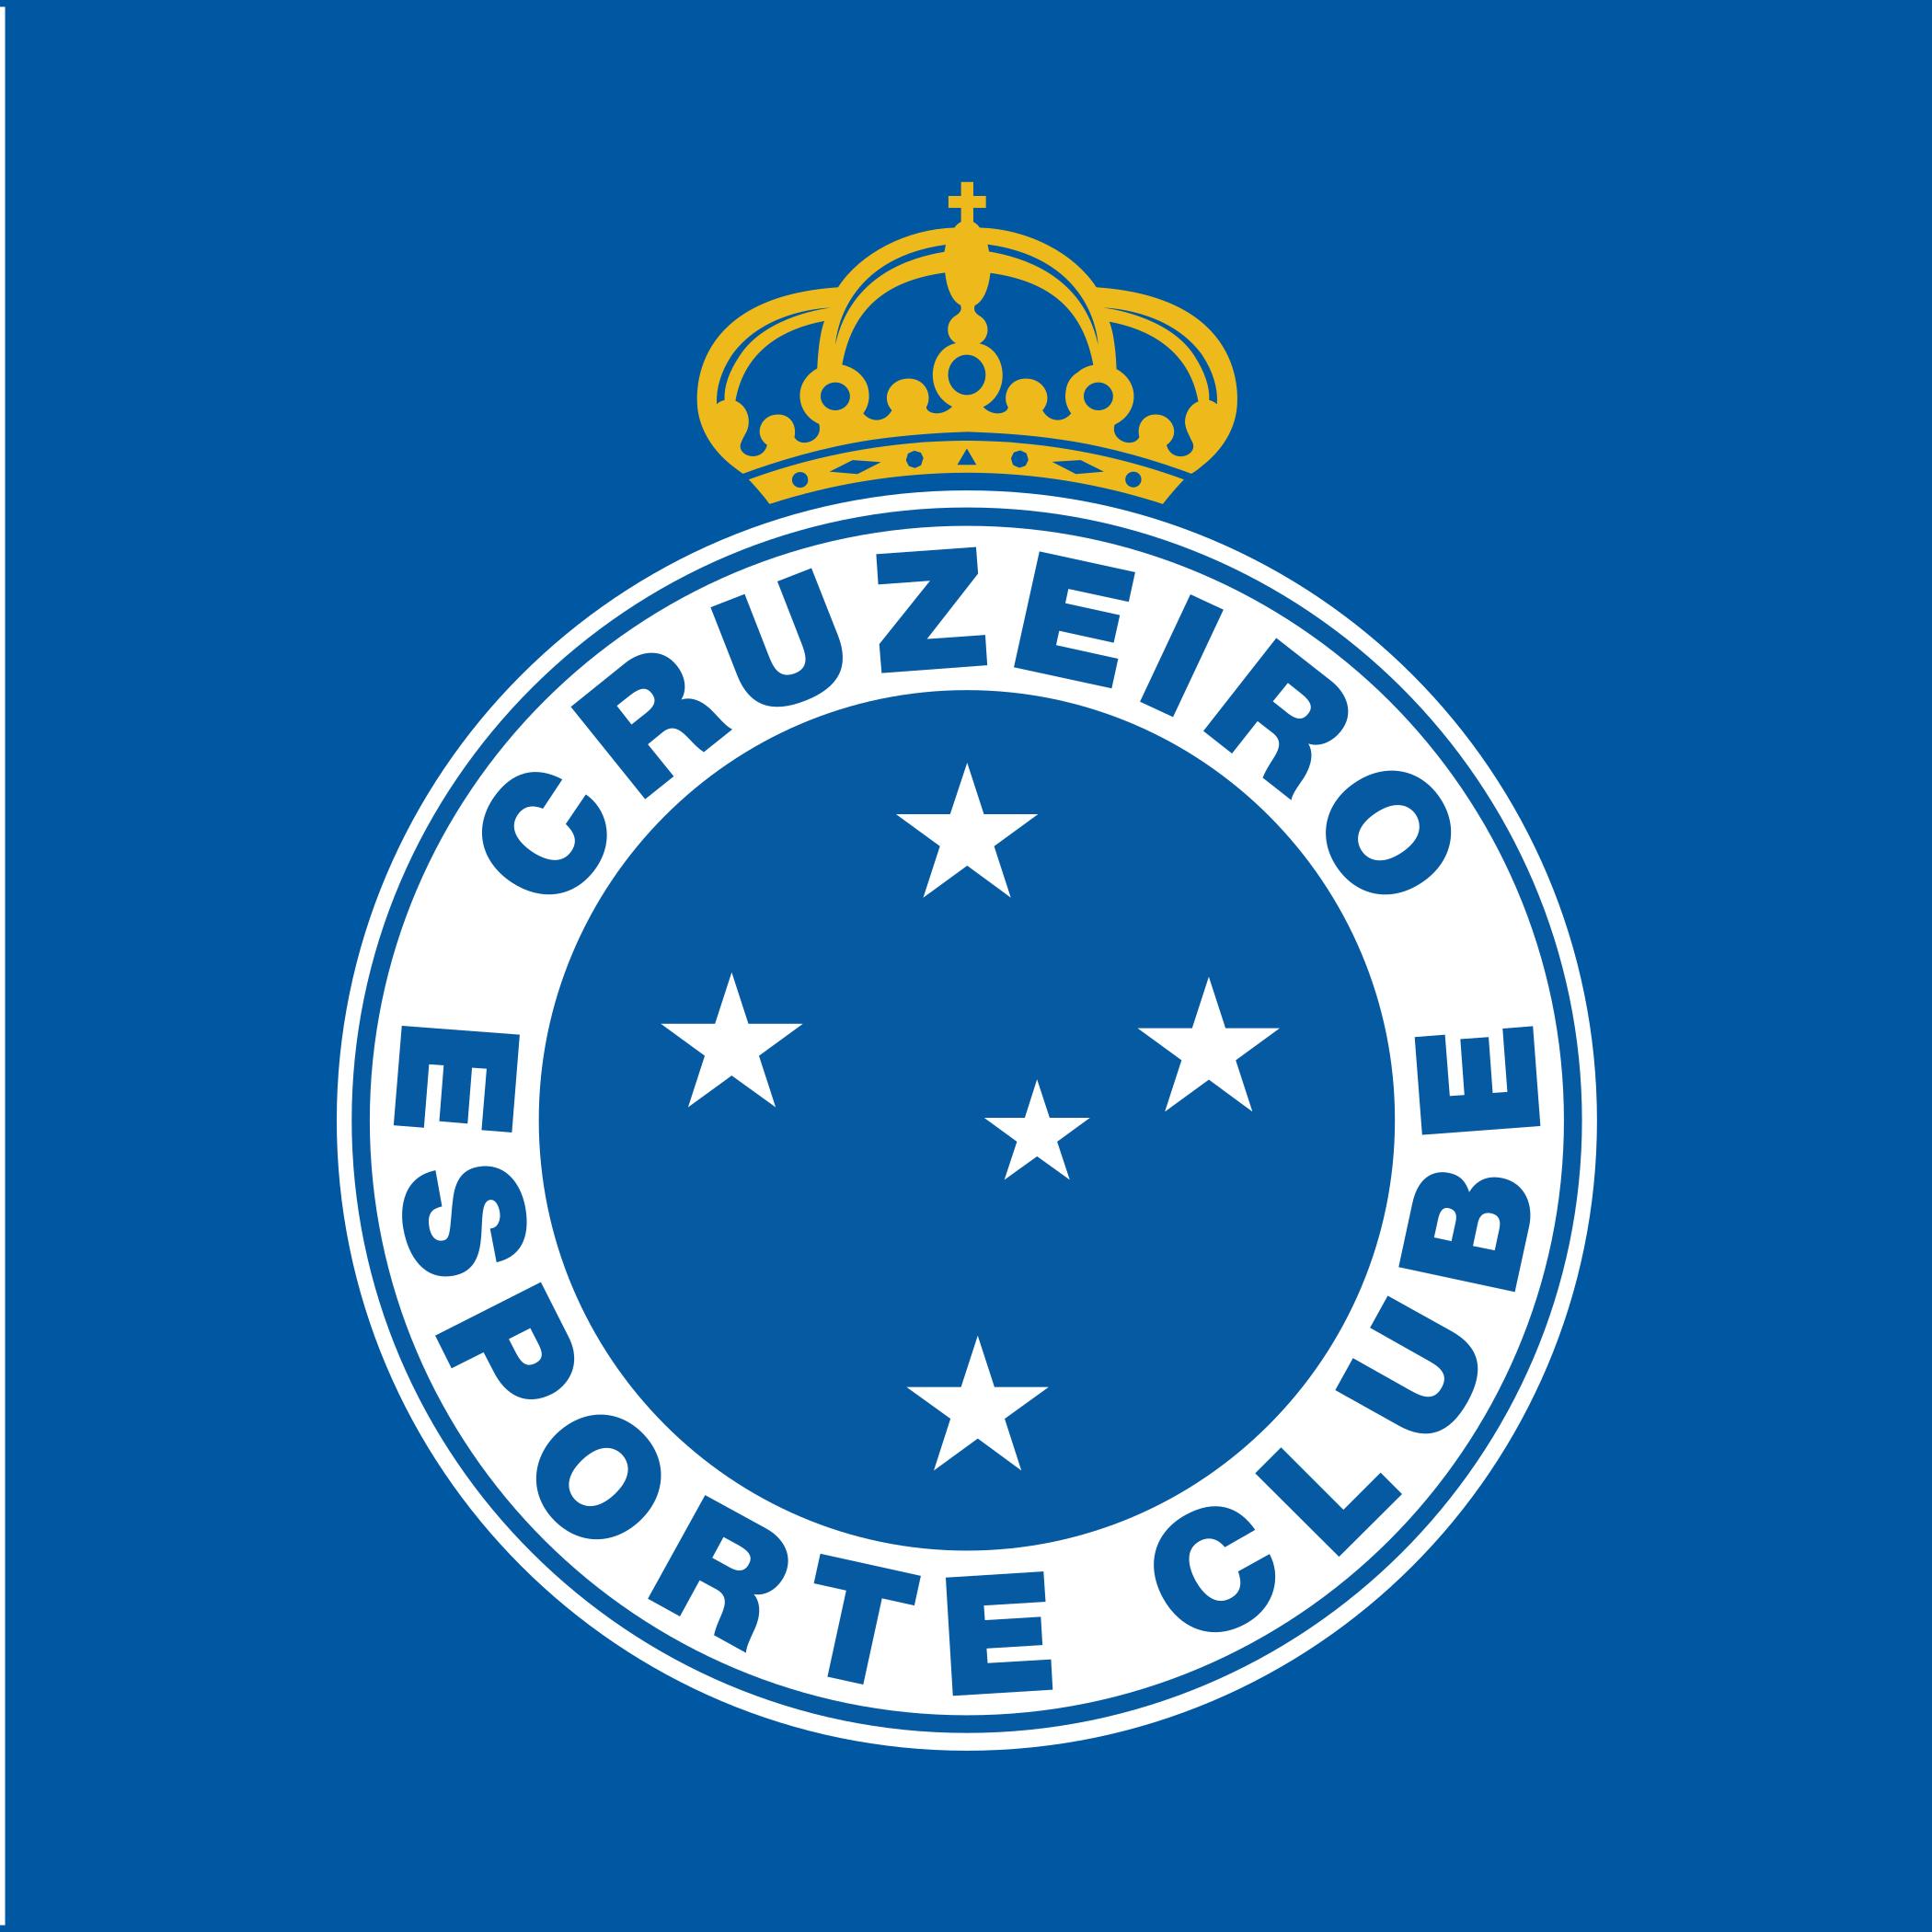 cruzeiro logo escudo 6 - Cruzeiro EC Logo